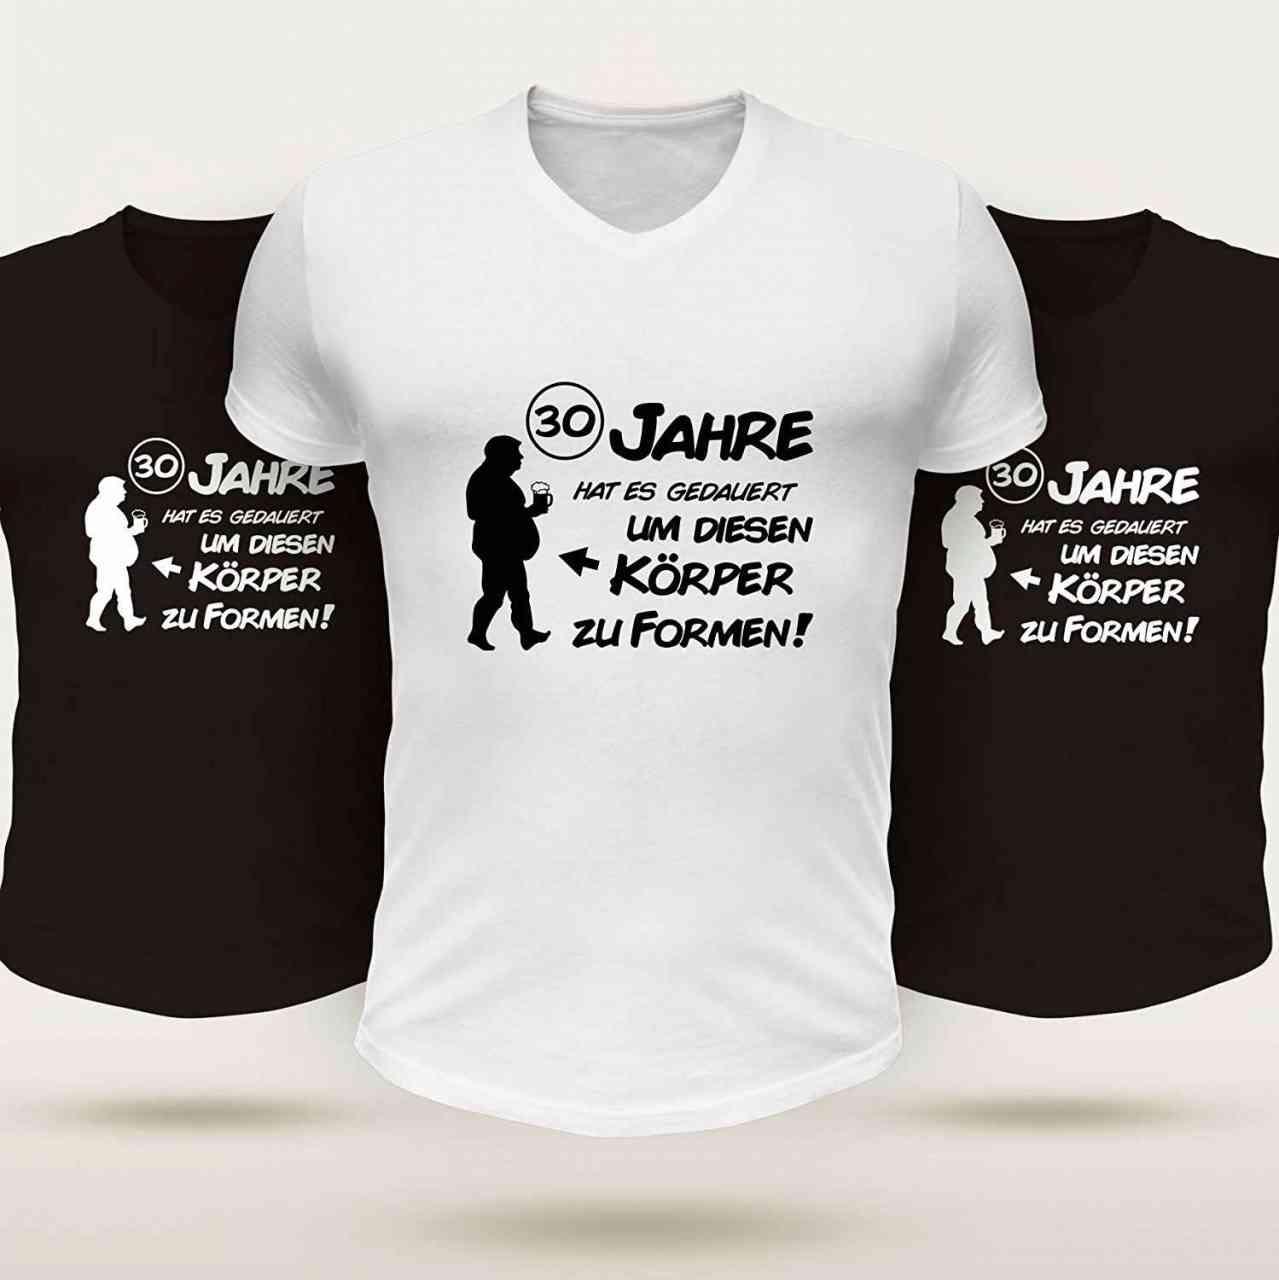 30 Jahre T-Shirt Lustig | Männer oder Frauen (Unisex)